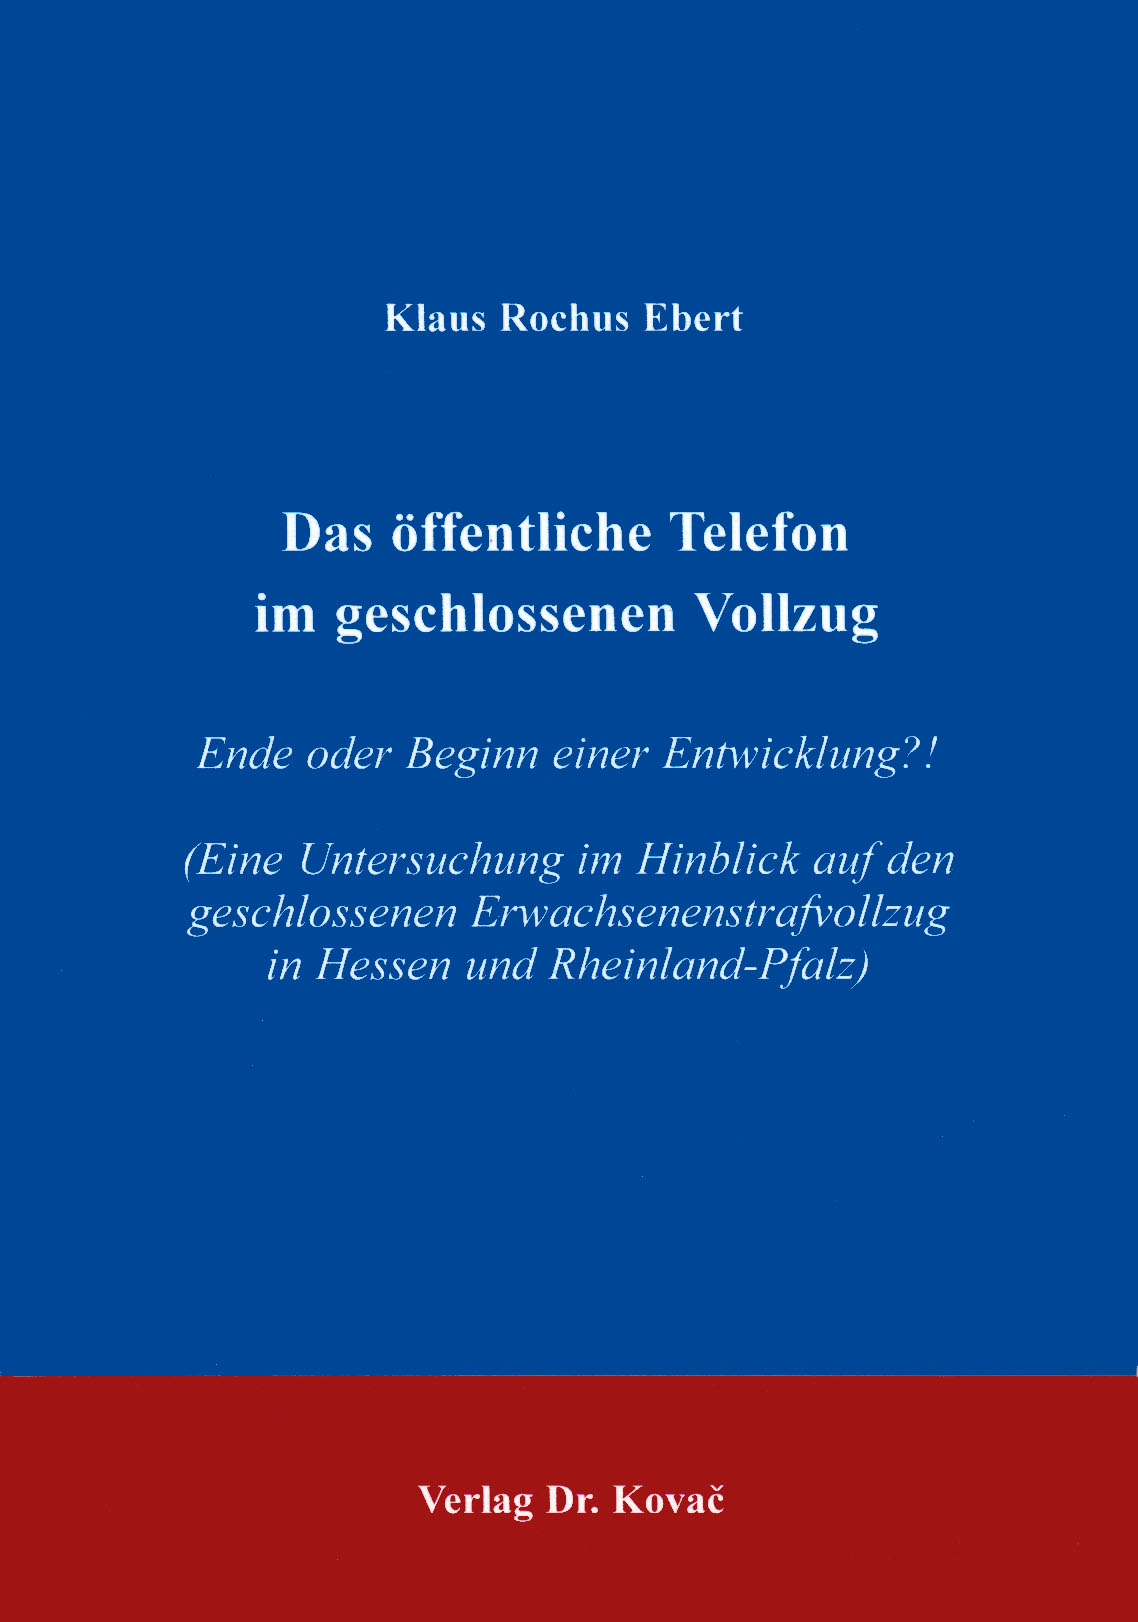 Cover: Das öffentliche Telefon im geschlossenen Vollzug